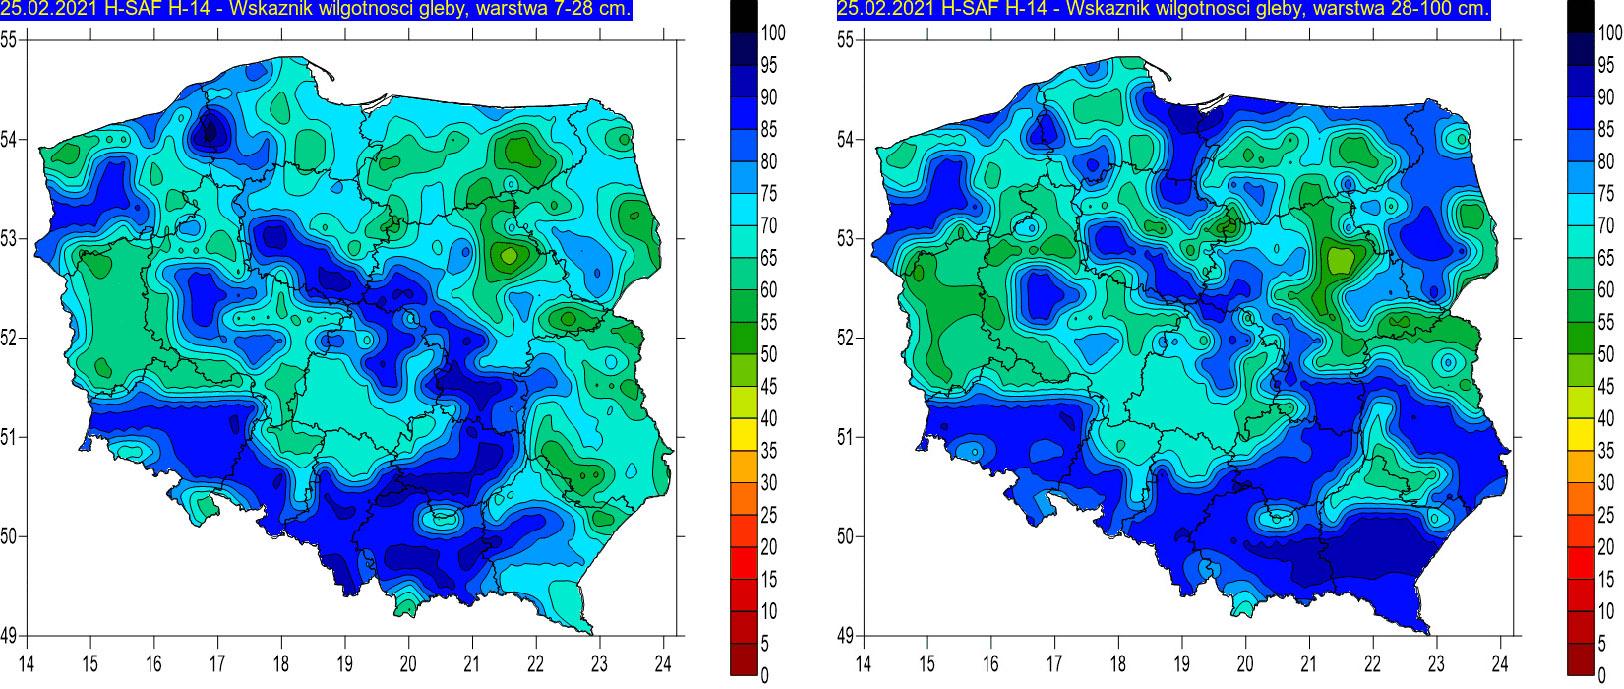 Wskaźnik wilgotności gleby na głębokości 7-28 cm (lewa grafika) i 28-100 cm (prawa grafika) w dniu 25 lutego 2021 r. na podstawie obrazów satelitarnych.